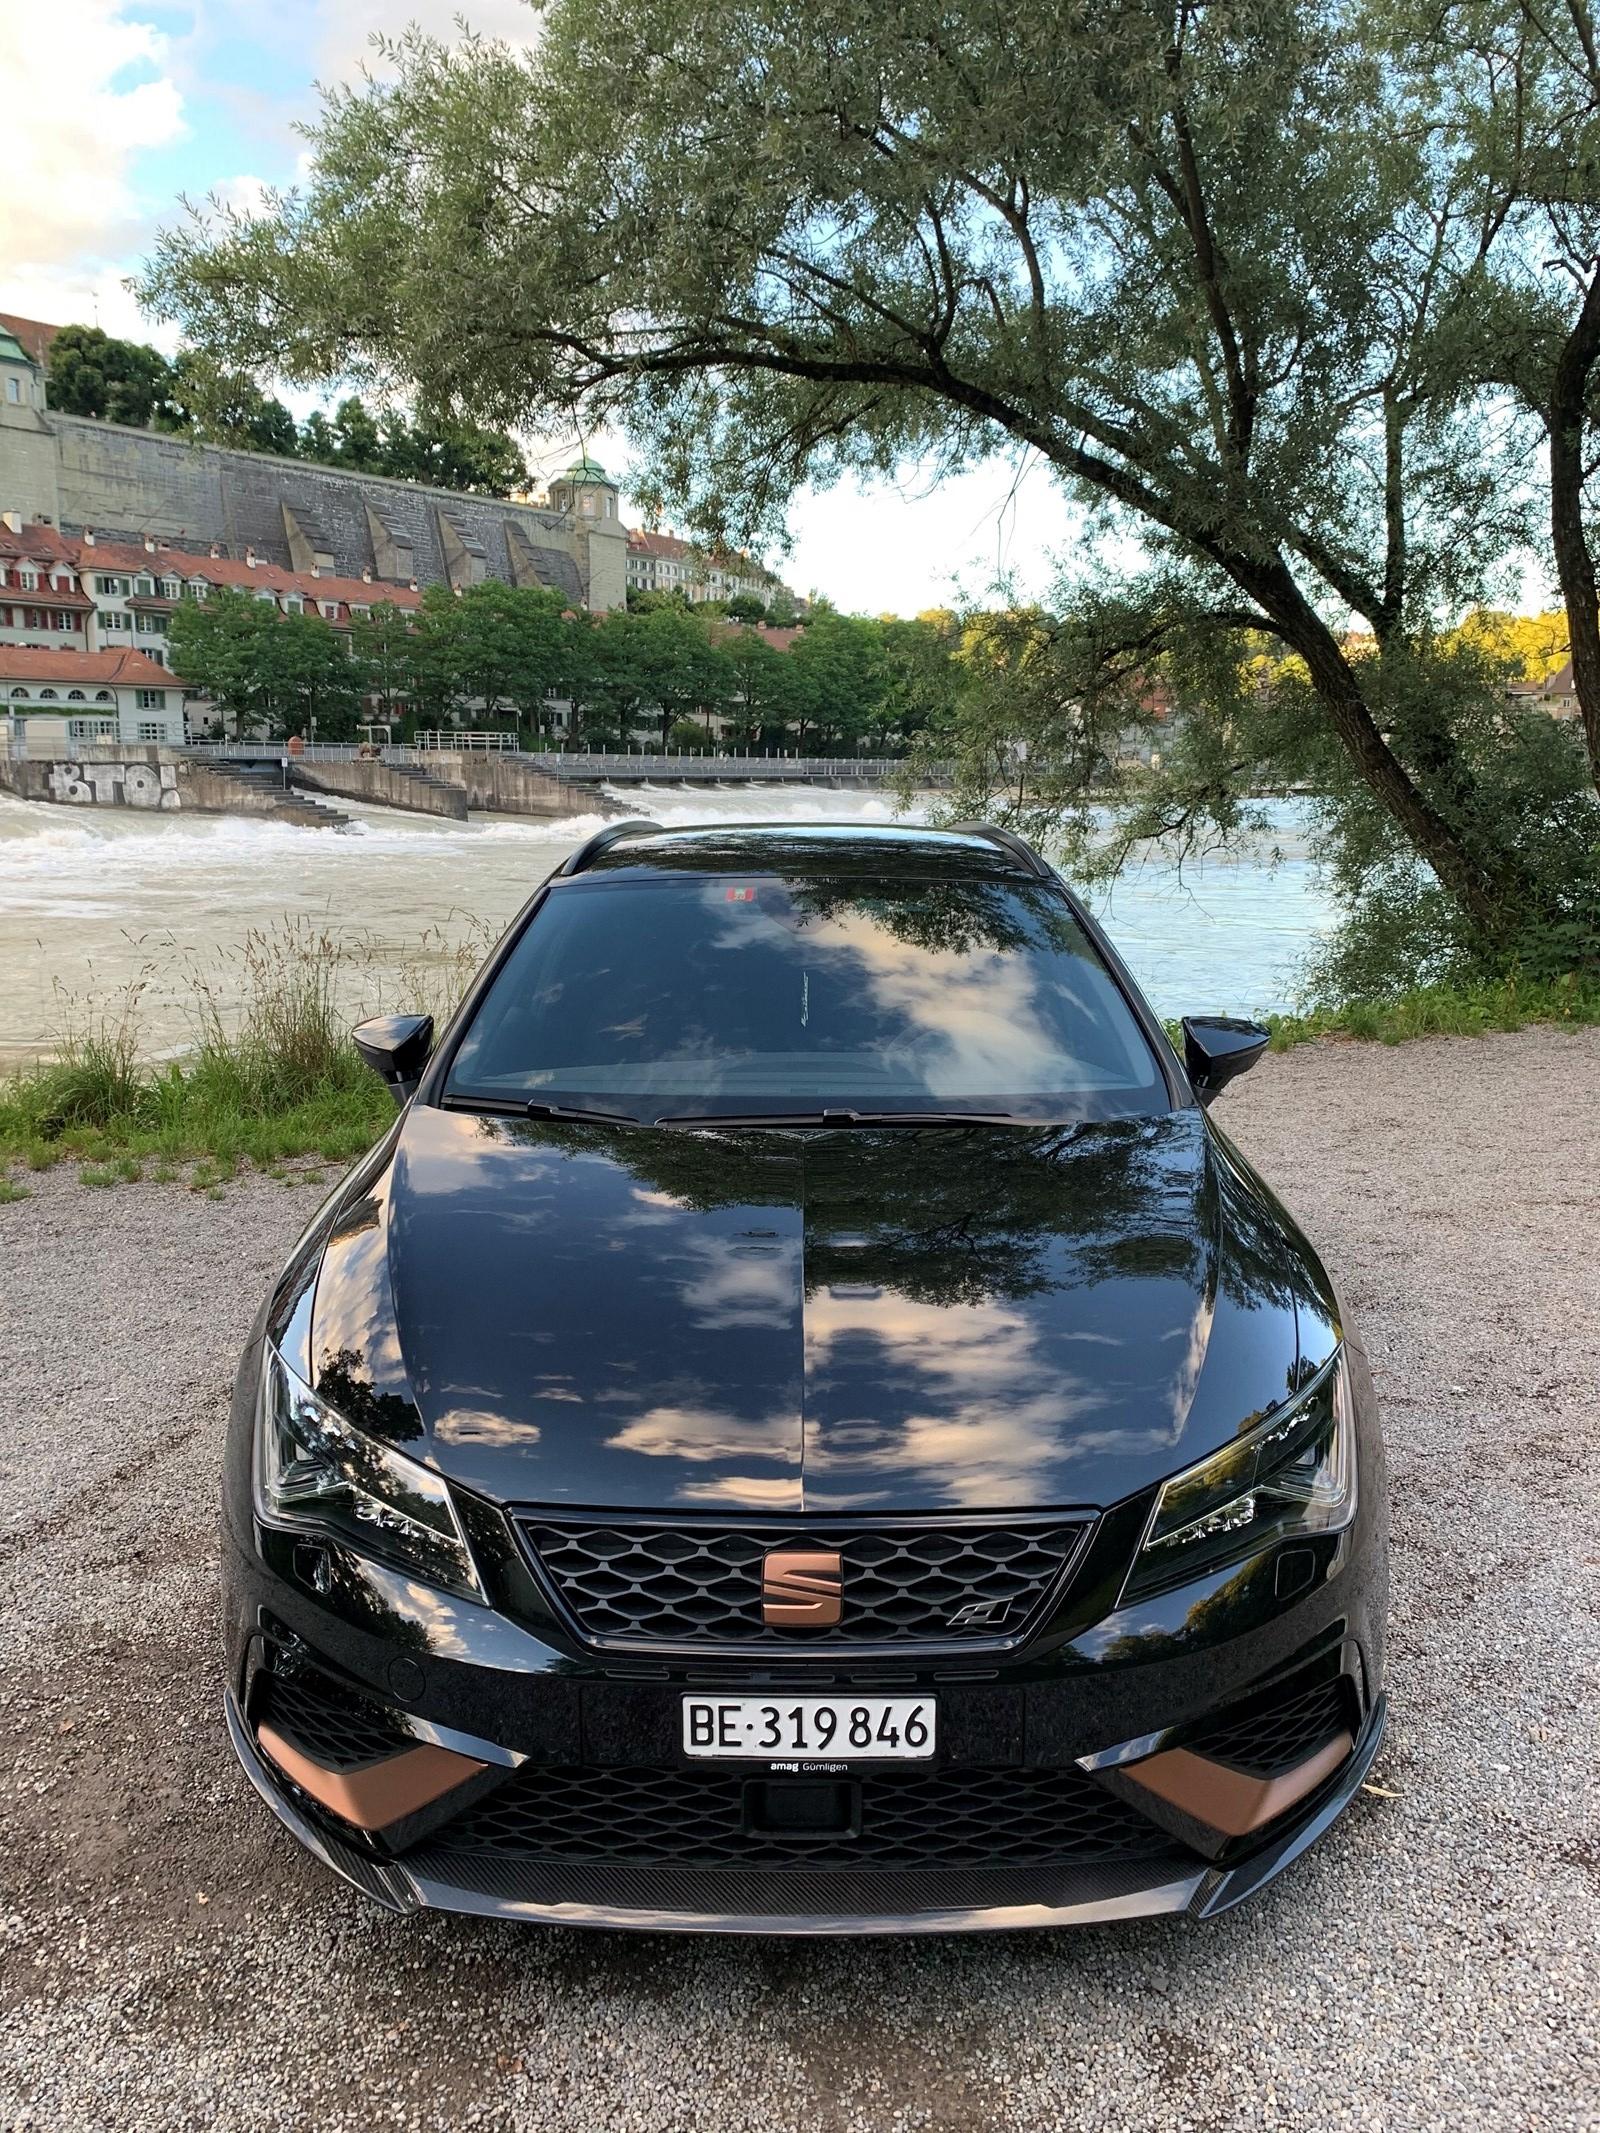 SEAT Leon ST 2.0 TSI 300 Cupra R 4Drive DSG